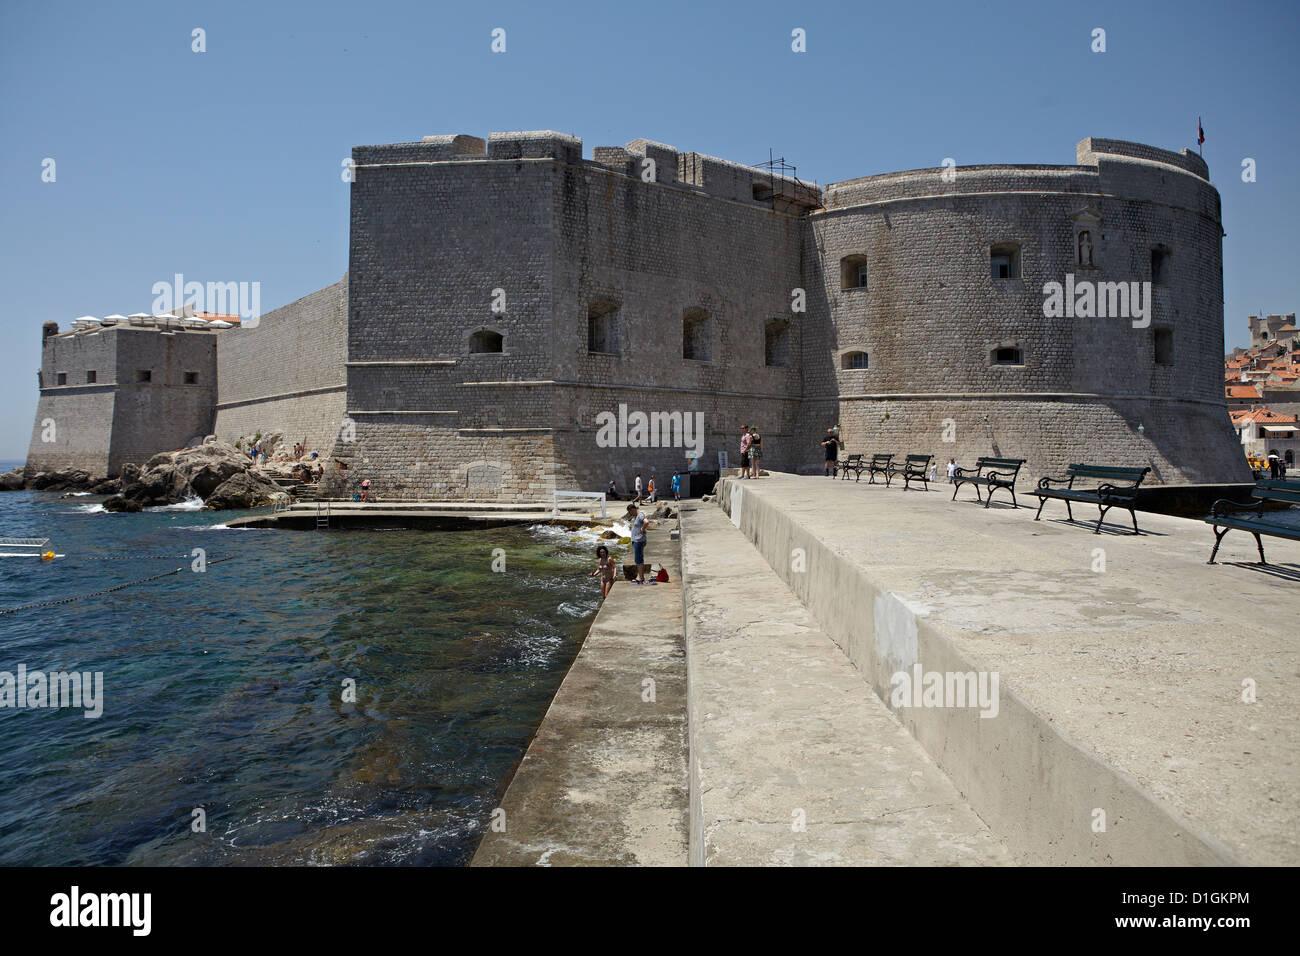 La ciudad amurallada de Dubrovnik, Patrimonio de la Humanidad de la UNESCO, Croacia, Europa Foto de stock